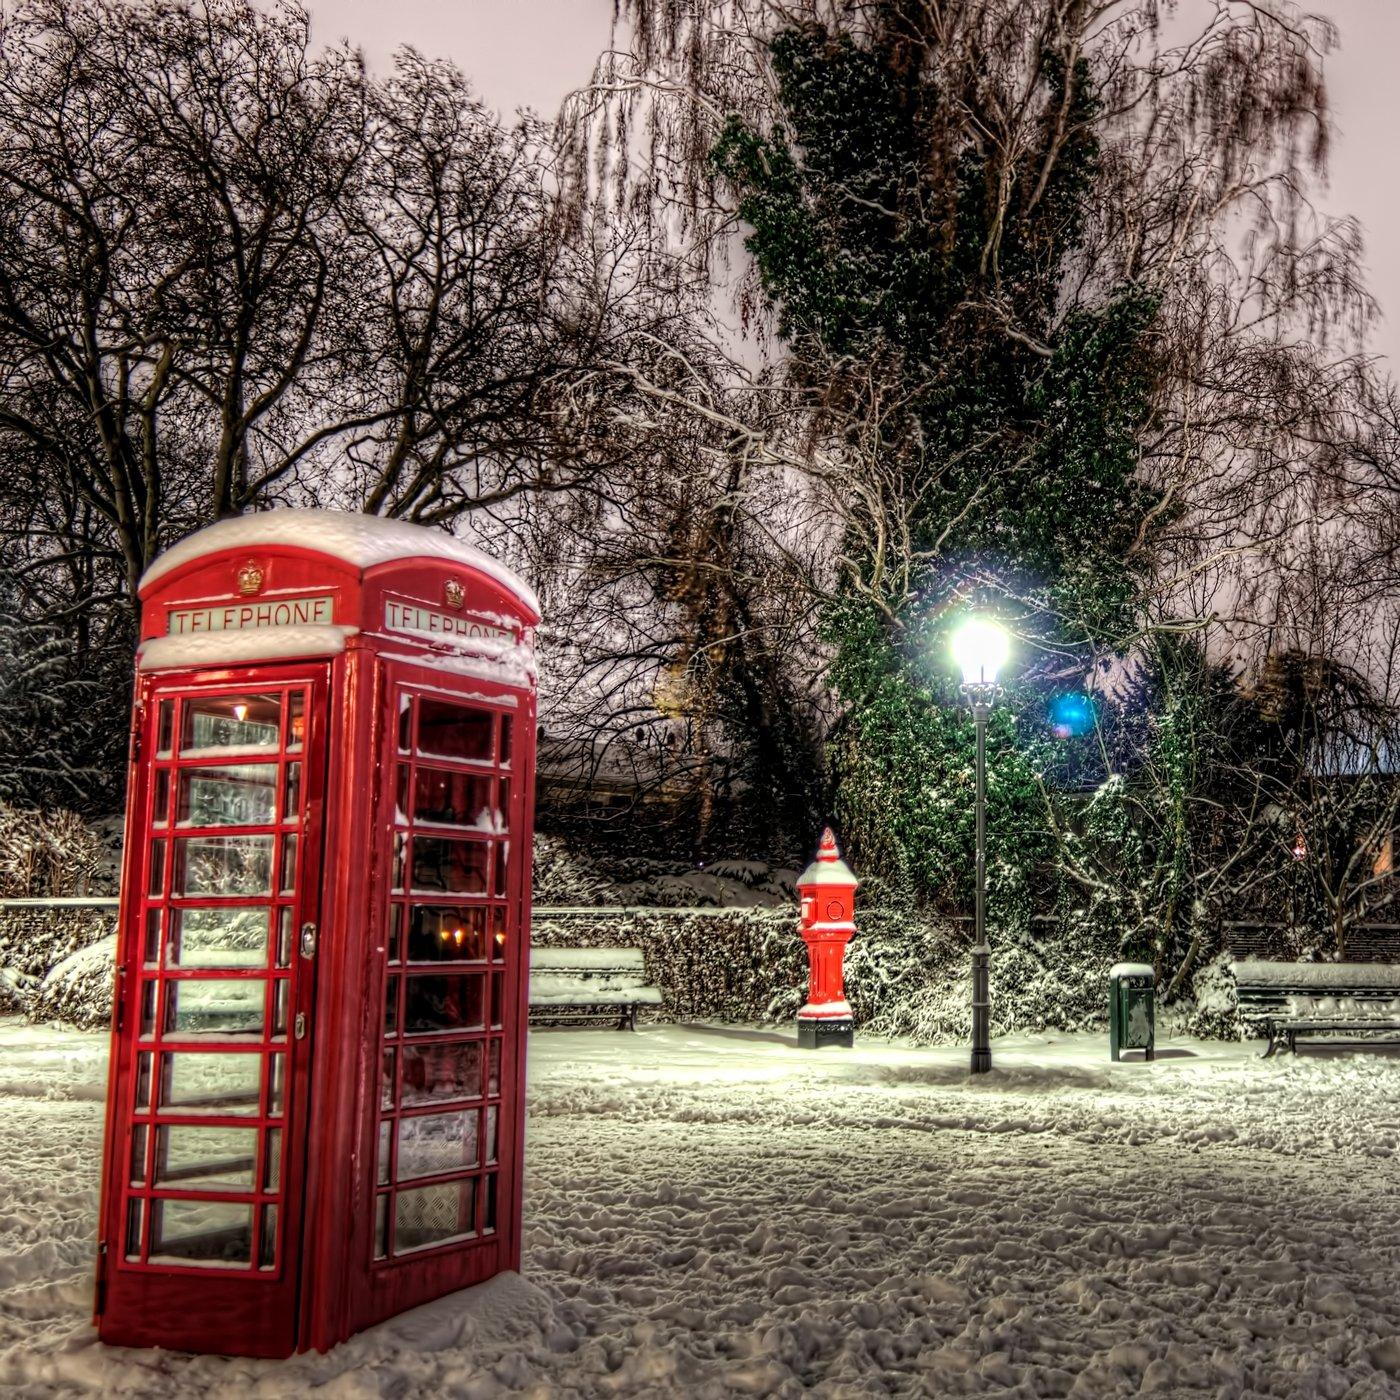 Sneeuw bij Greenwich Promenade in Berlijn, Duitsland